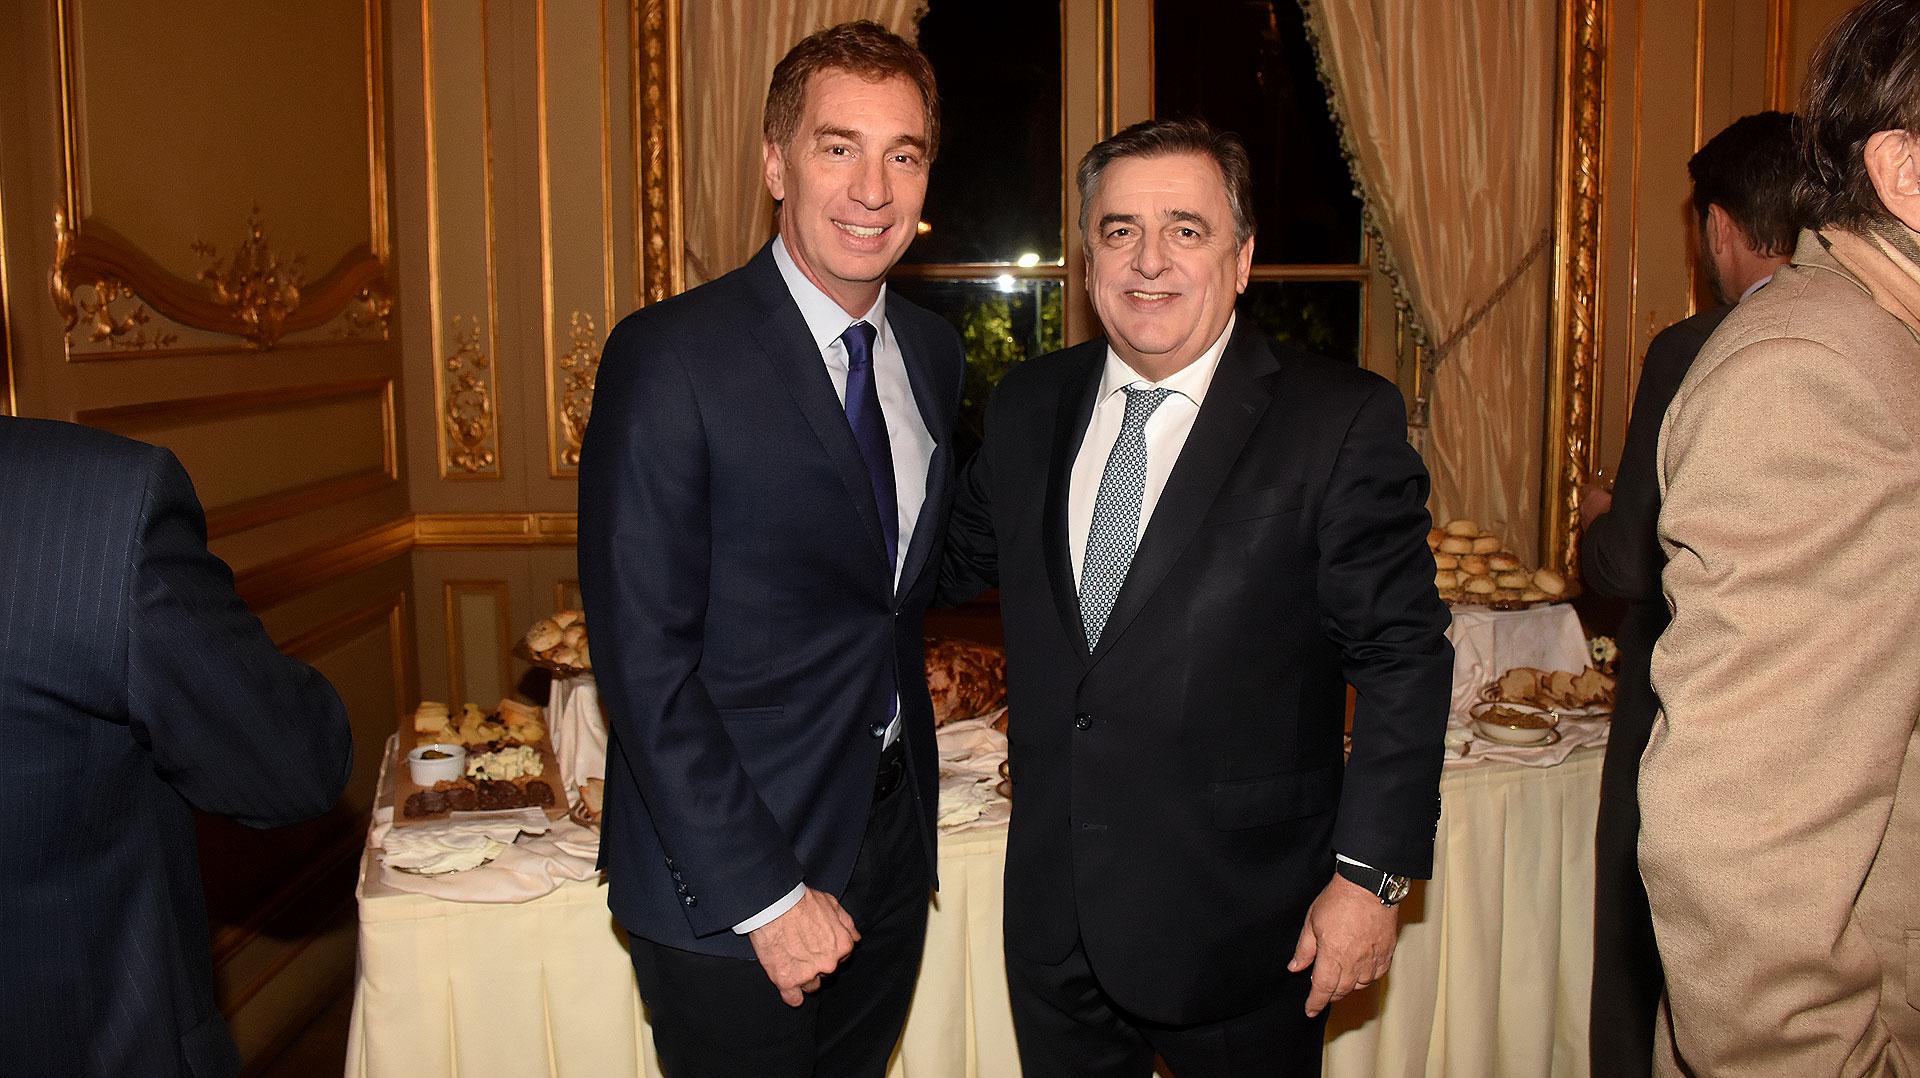 El vicejefe de Gobierno porteño, Diego Santilli, y el diputado Mario Negri